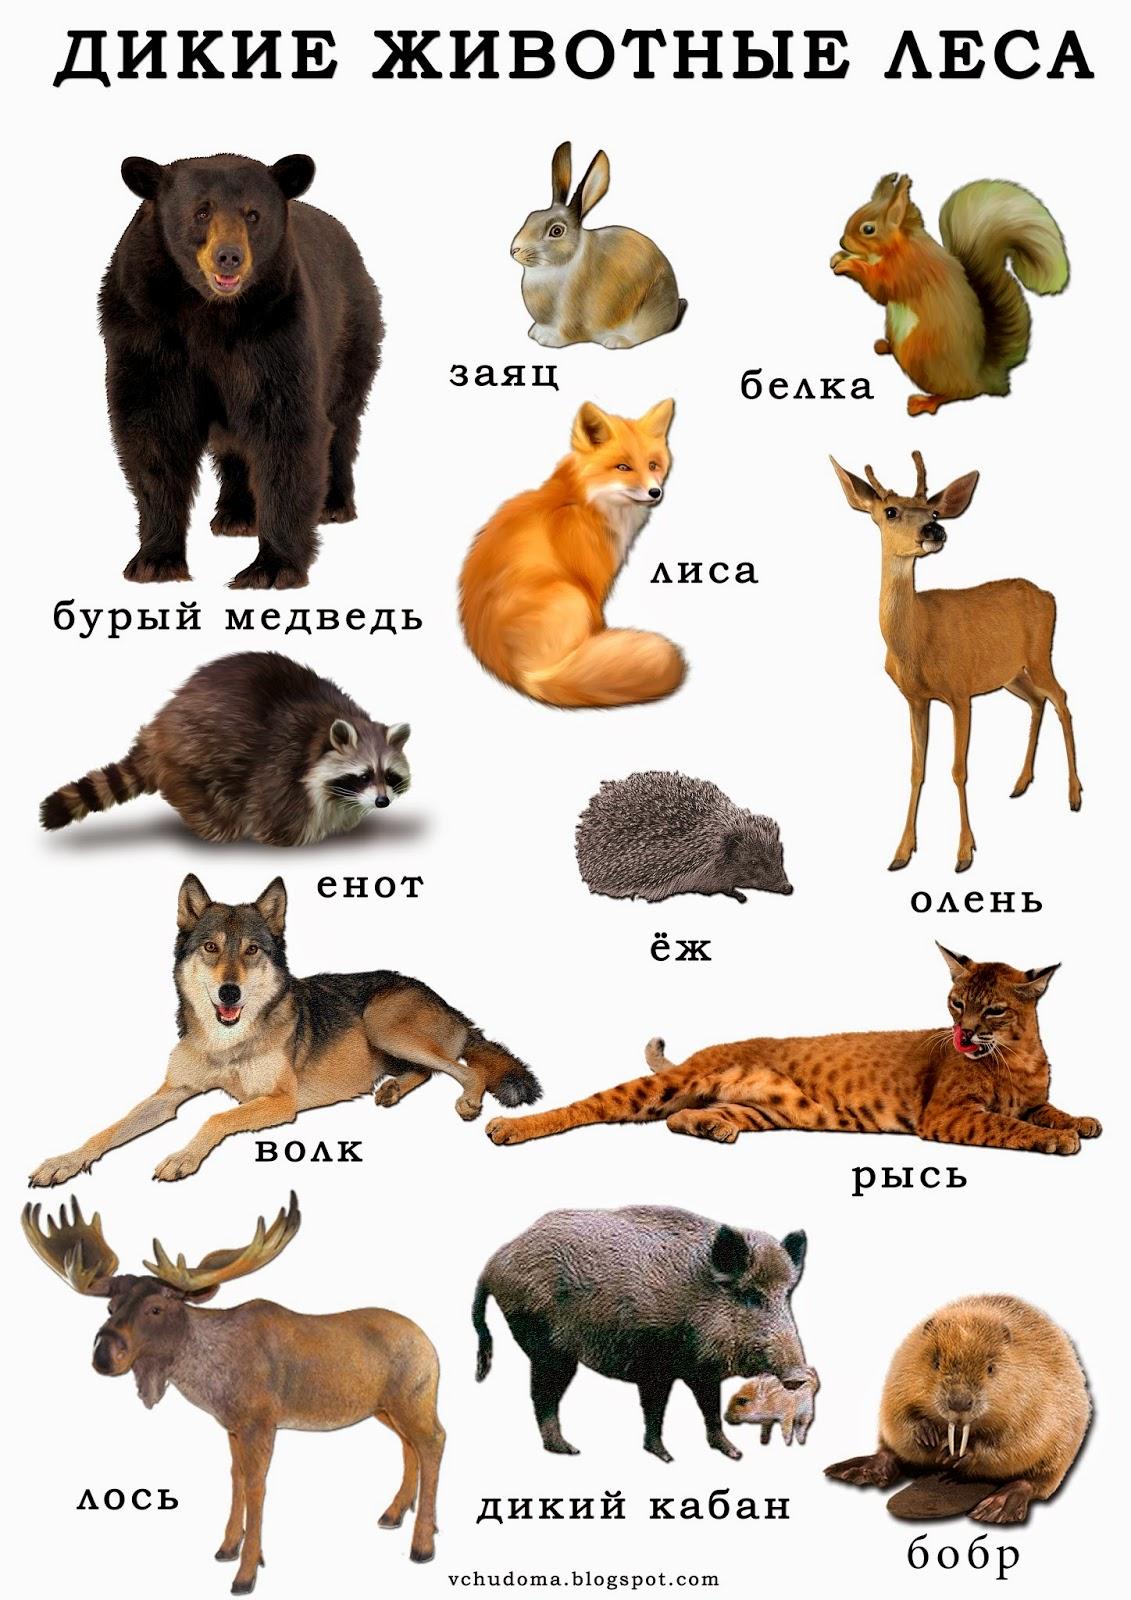 елка название всех животных в лесу с картинками против крепкого льда